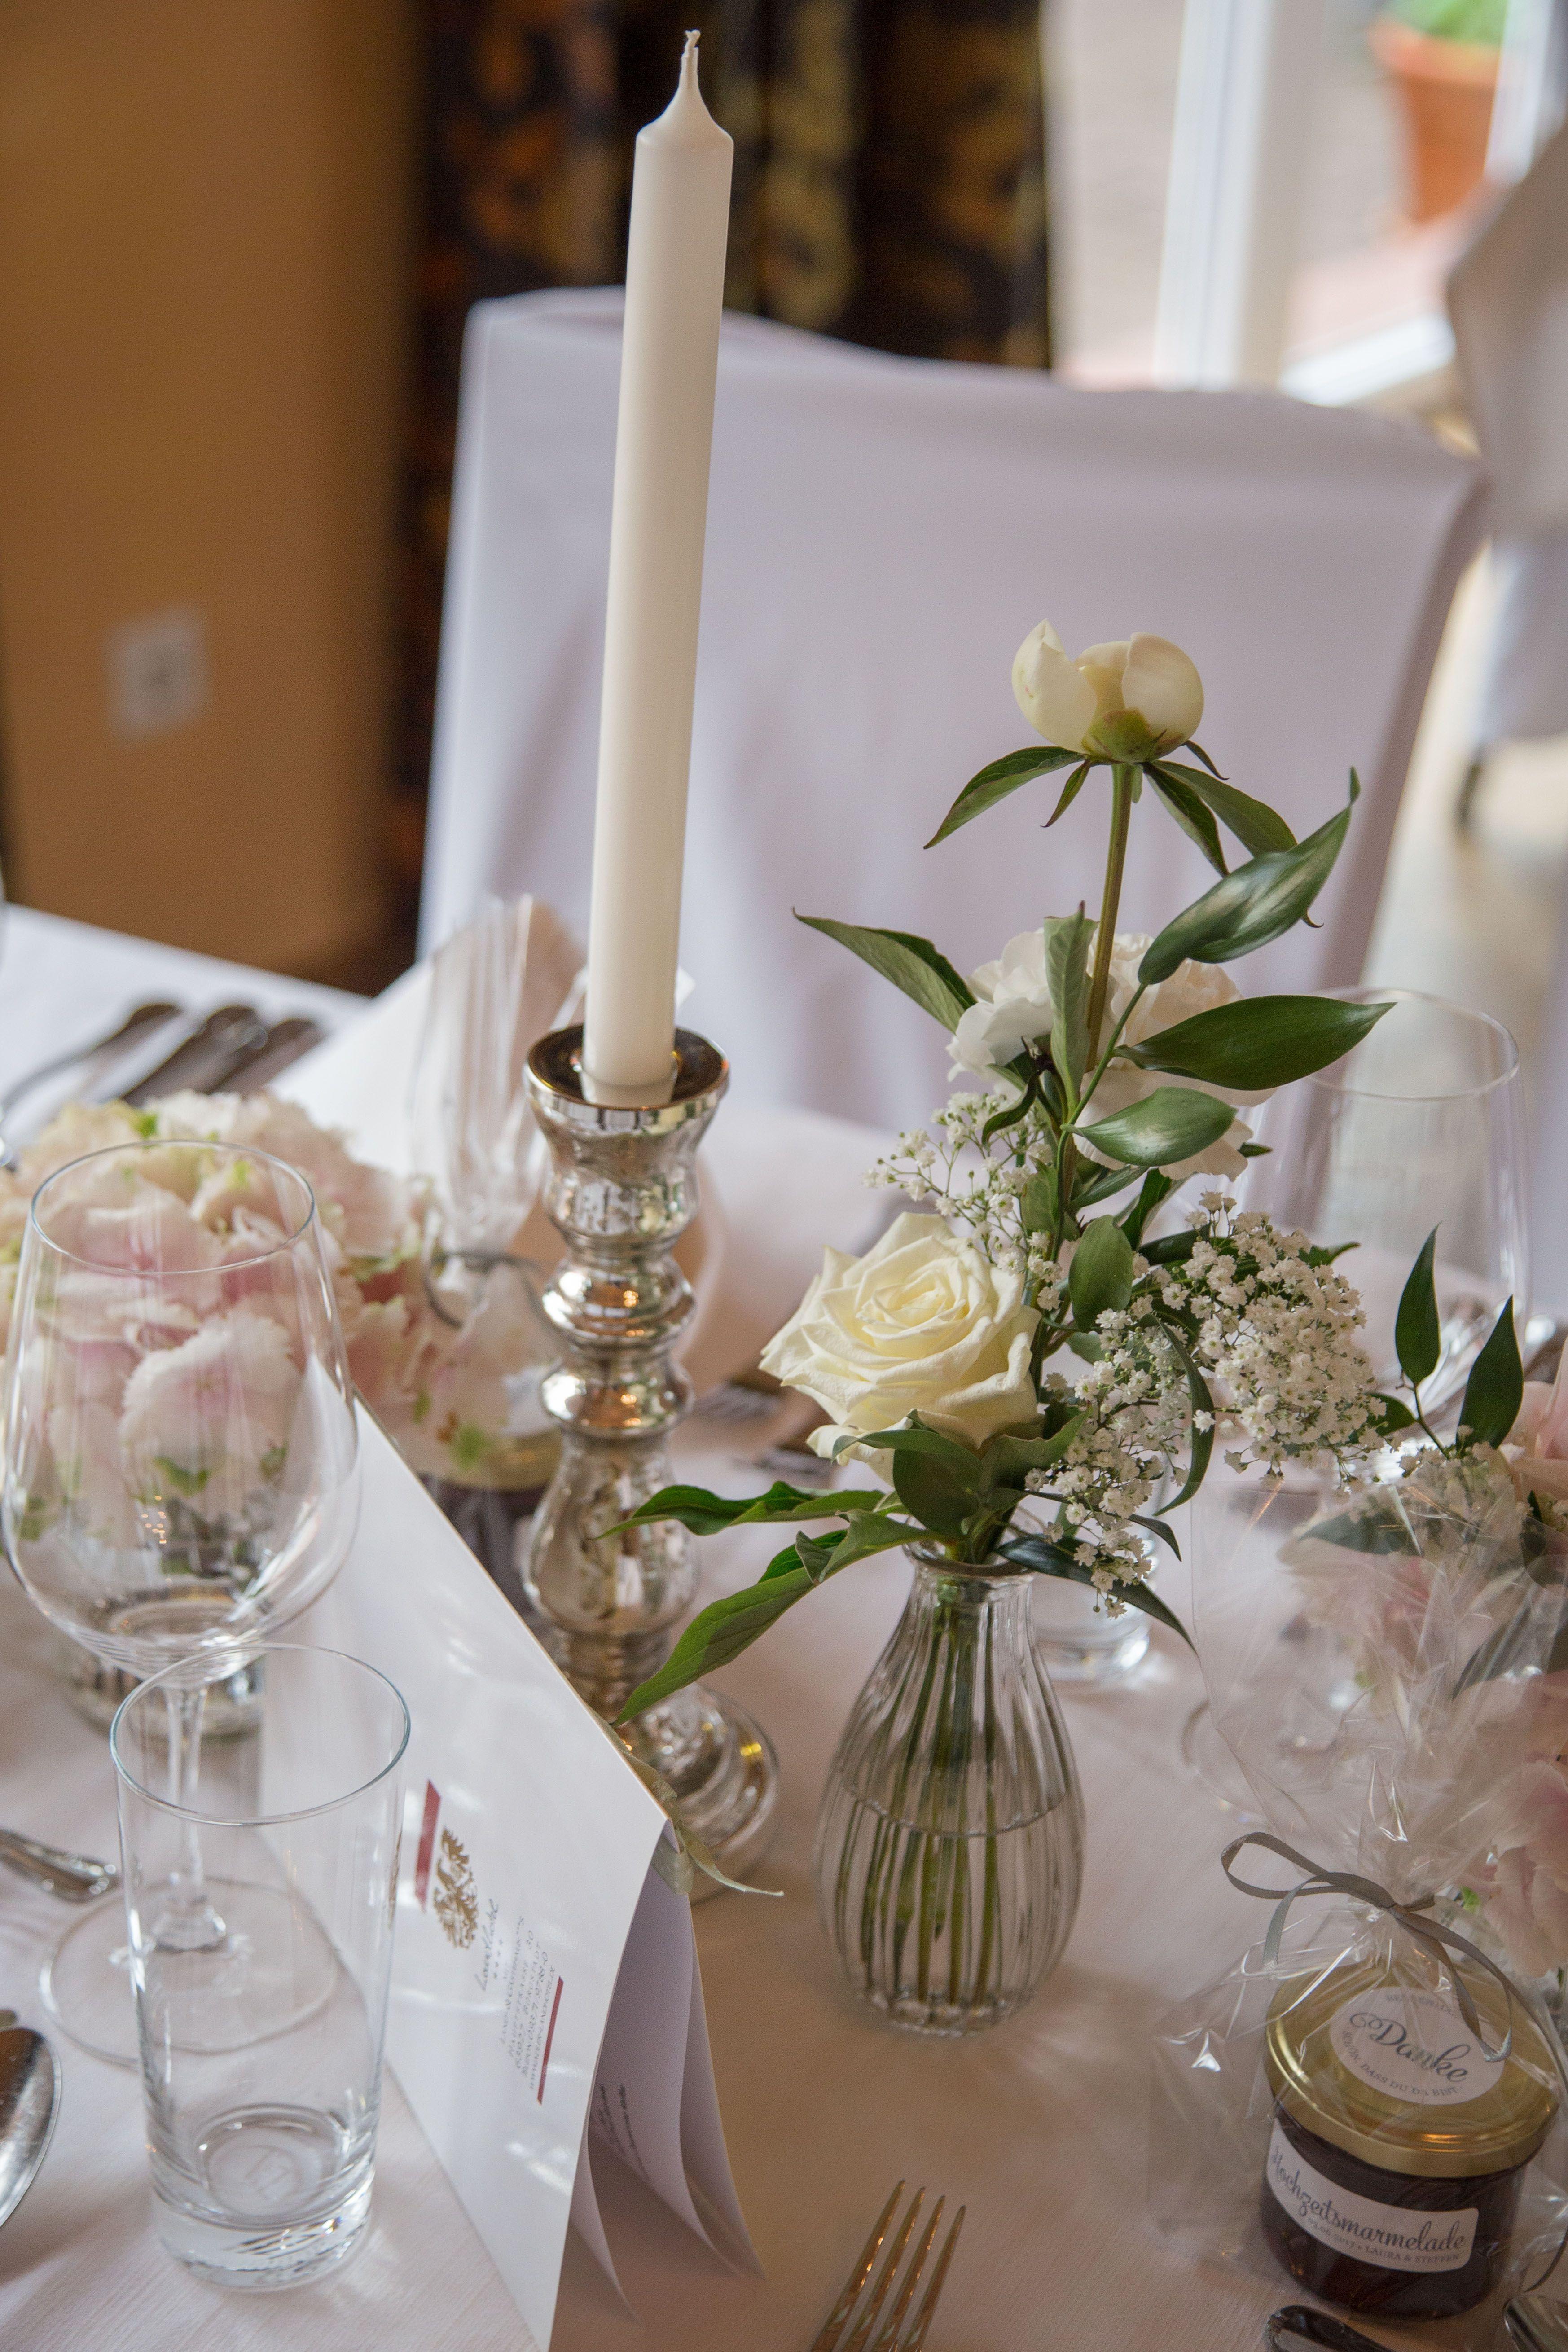 Wedding Hochzeit Dekoration Decoration Vintage Silber Silver